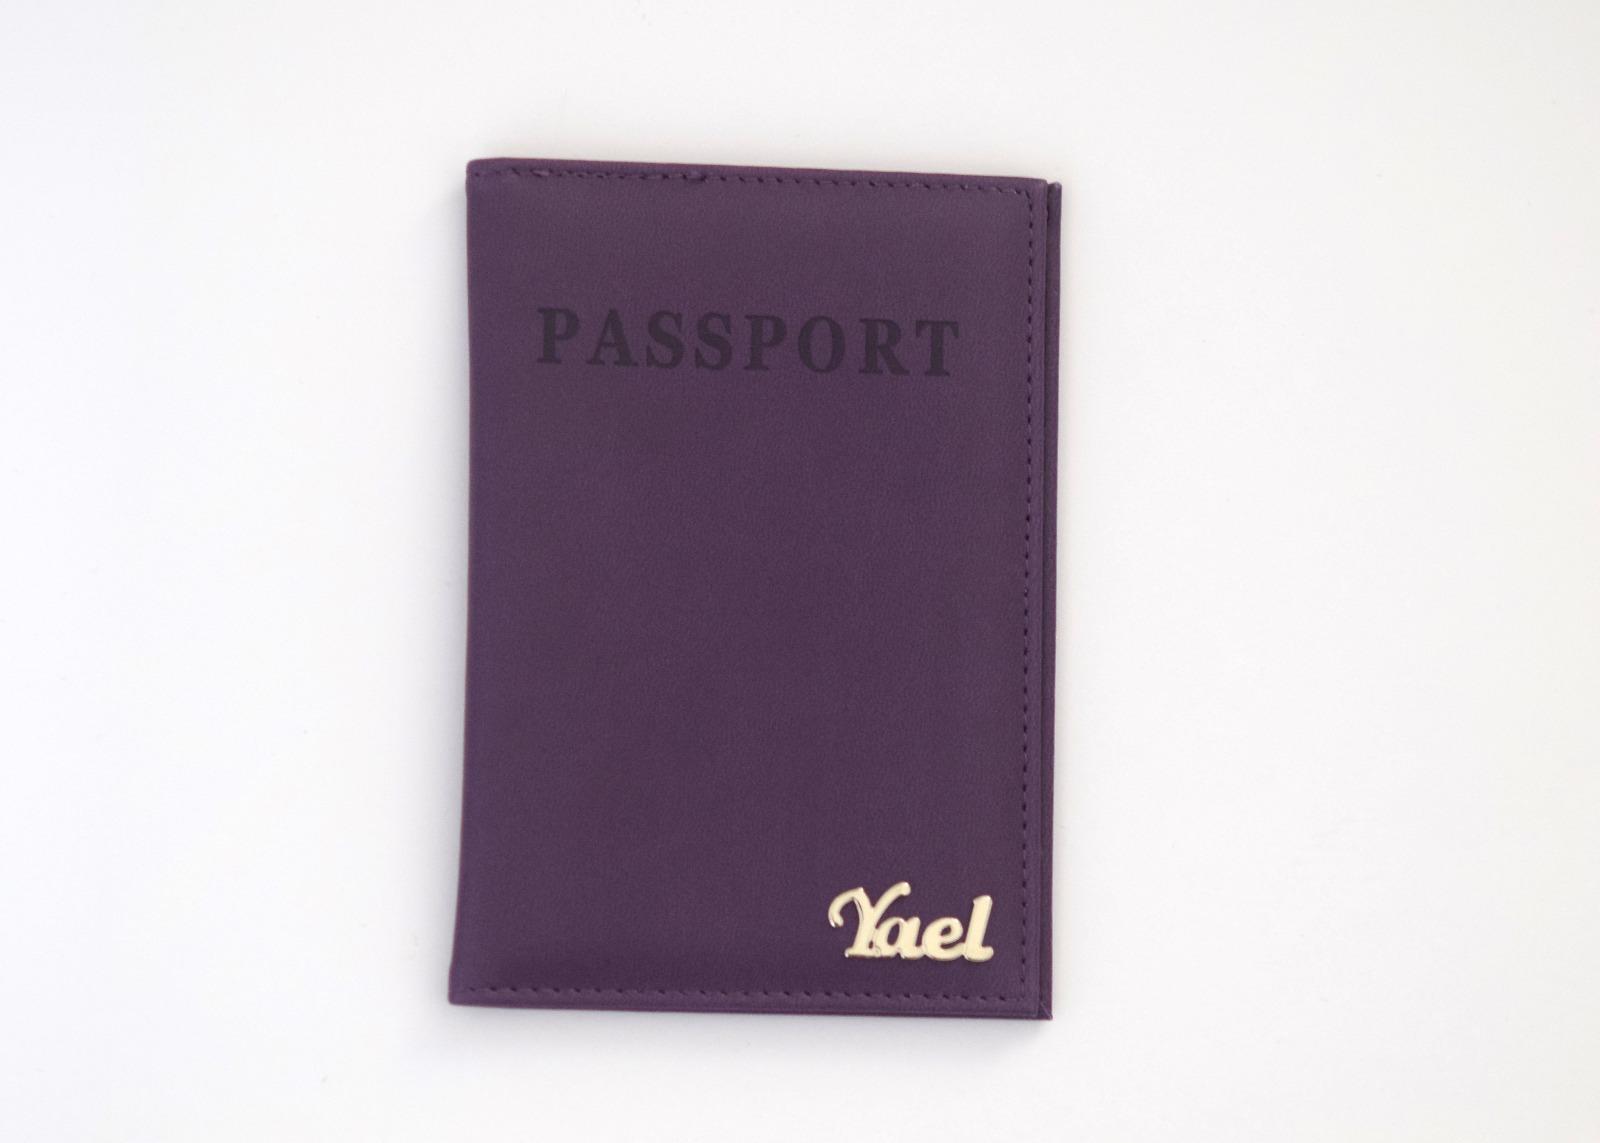 כיסוי לדרכון דמוי עור סגול עם שם